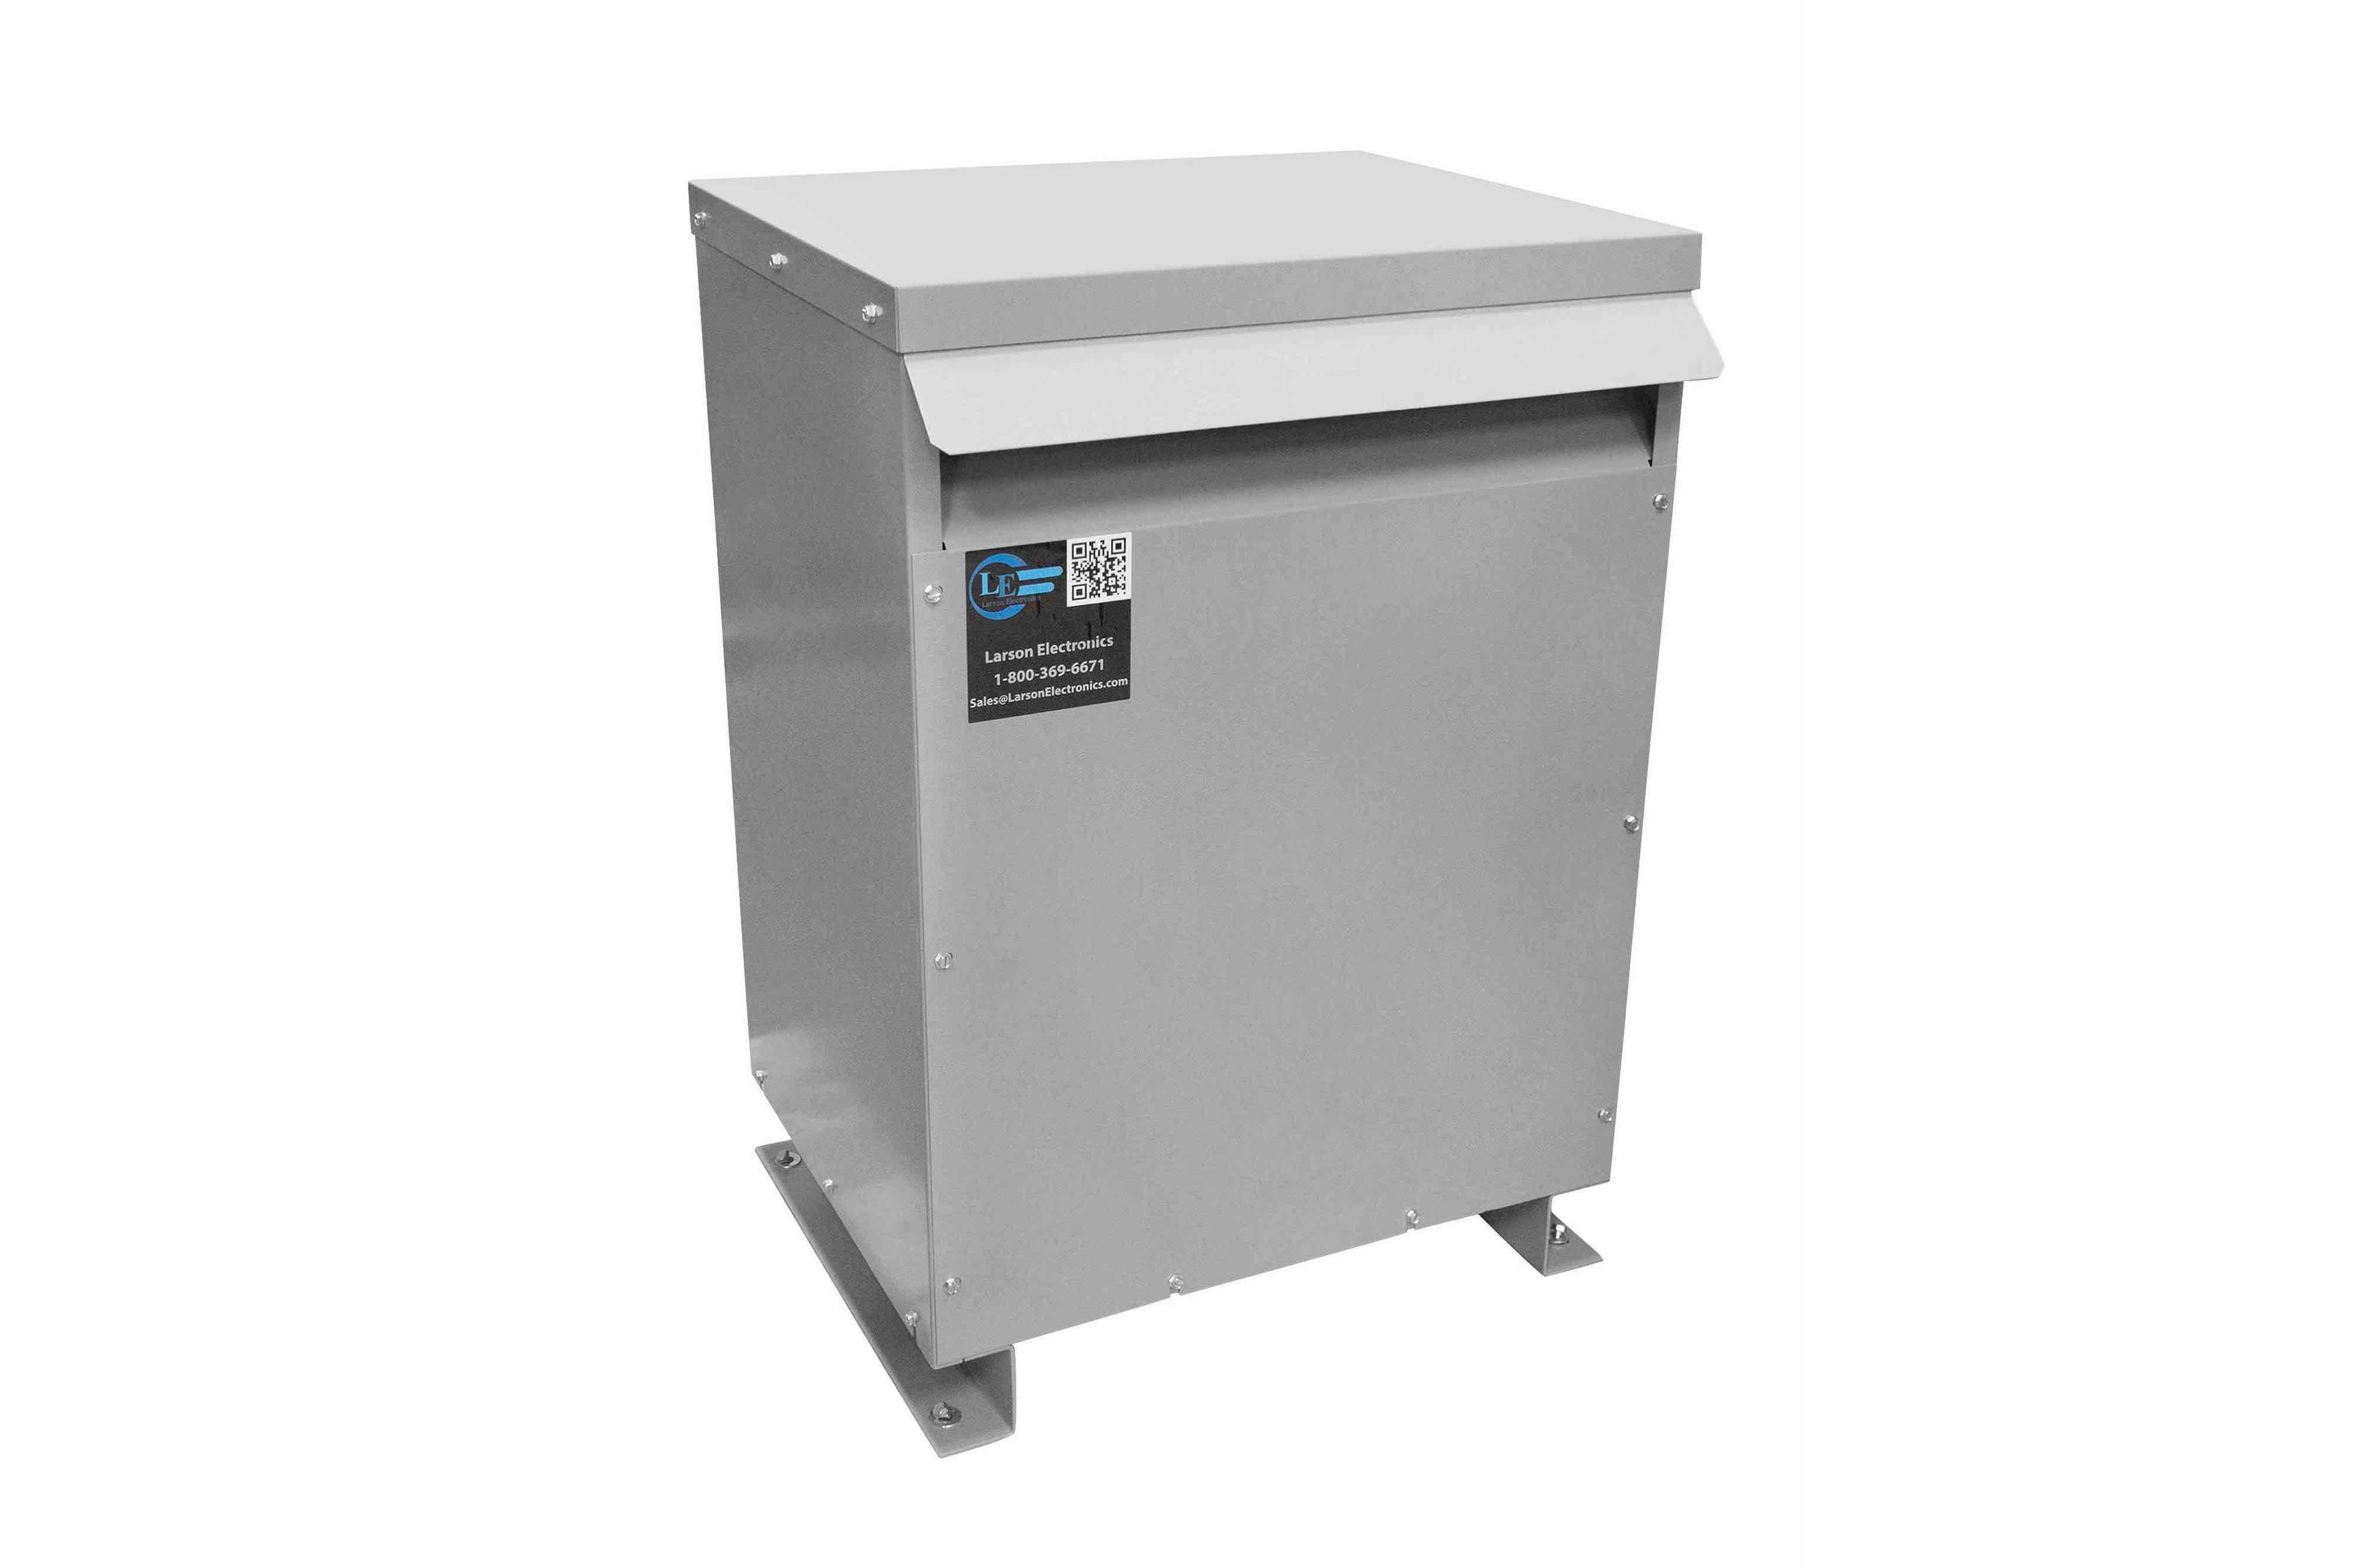 125 kVA 3PH Isolation Transformer, 440V Delta Primary, 208V Delta Secondary, N3R, Ventilated, 60 Hz